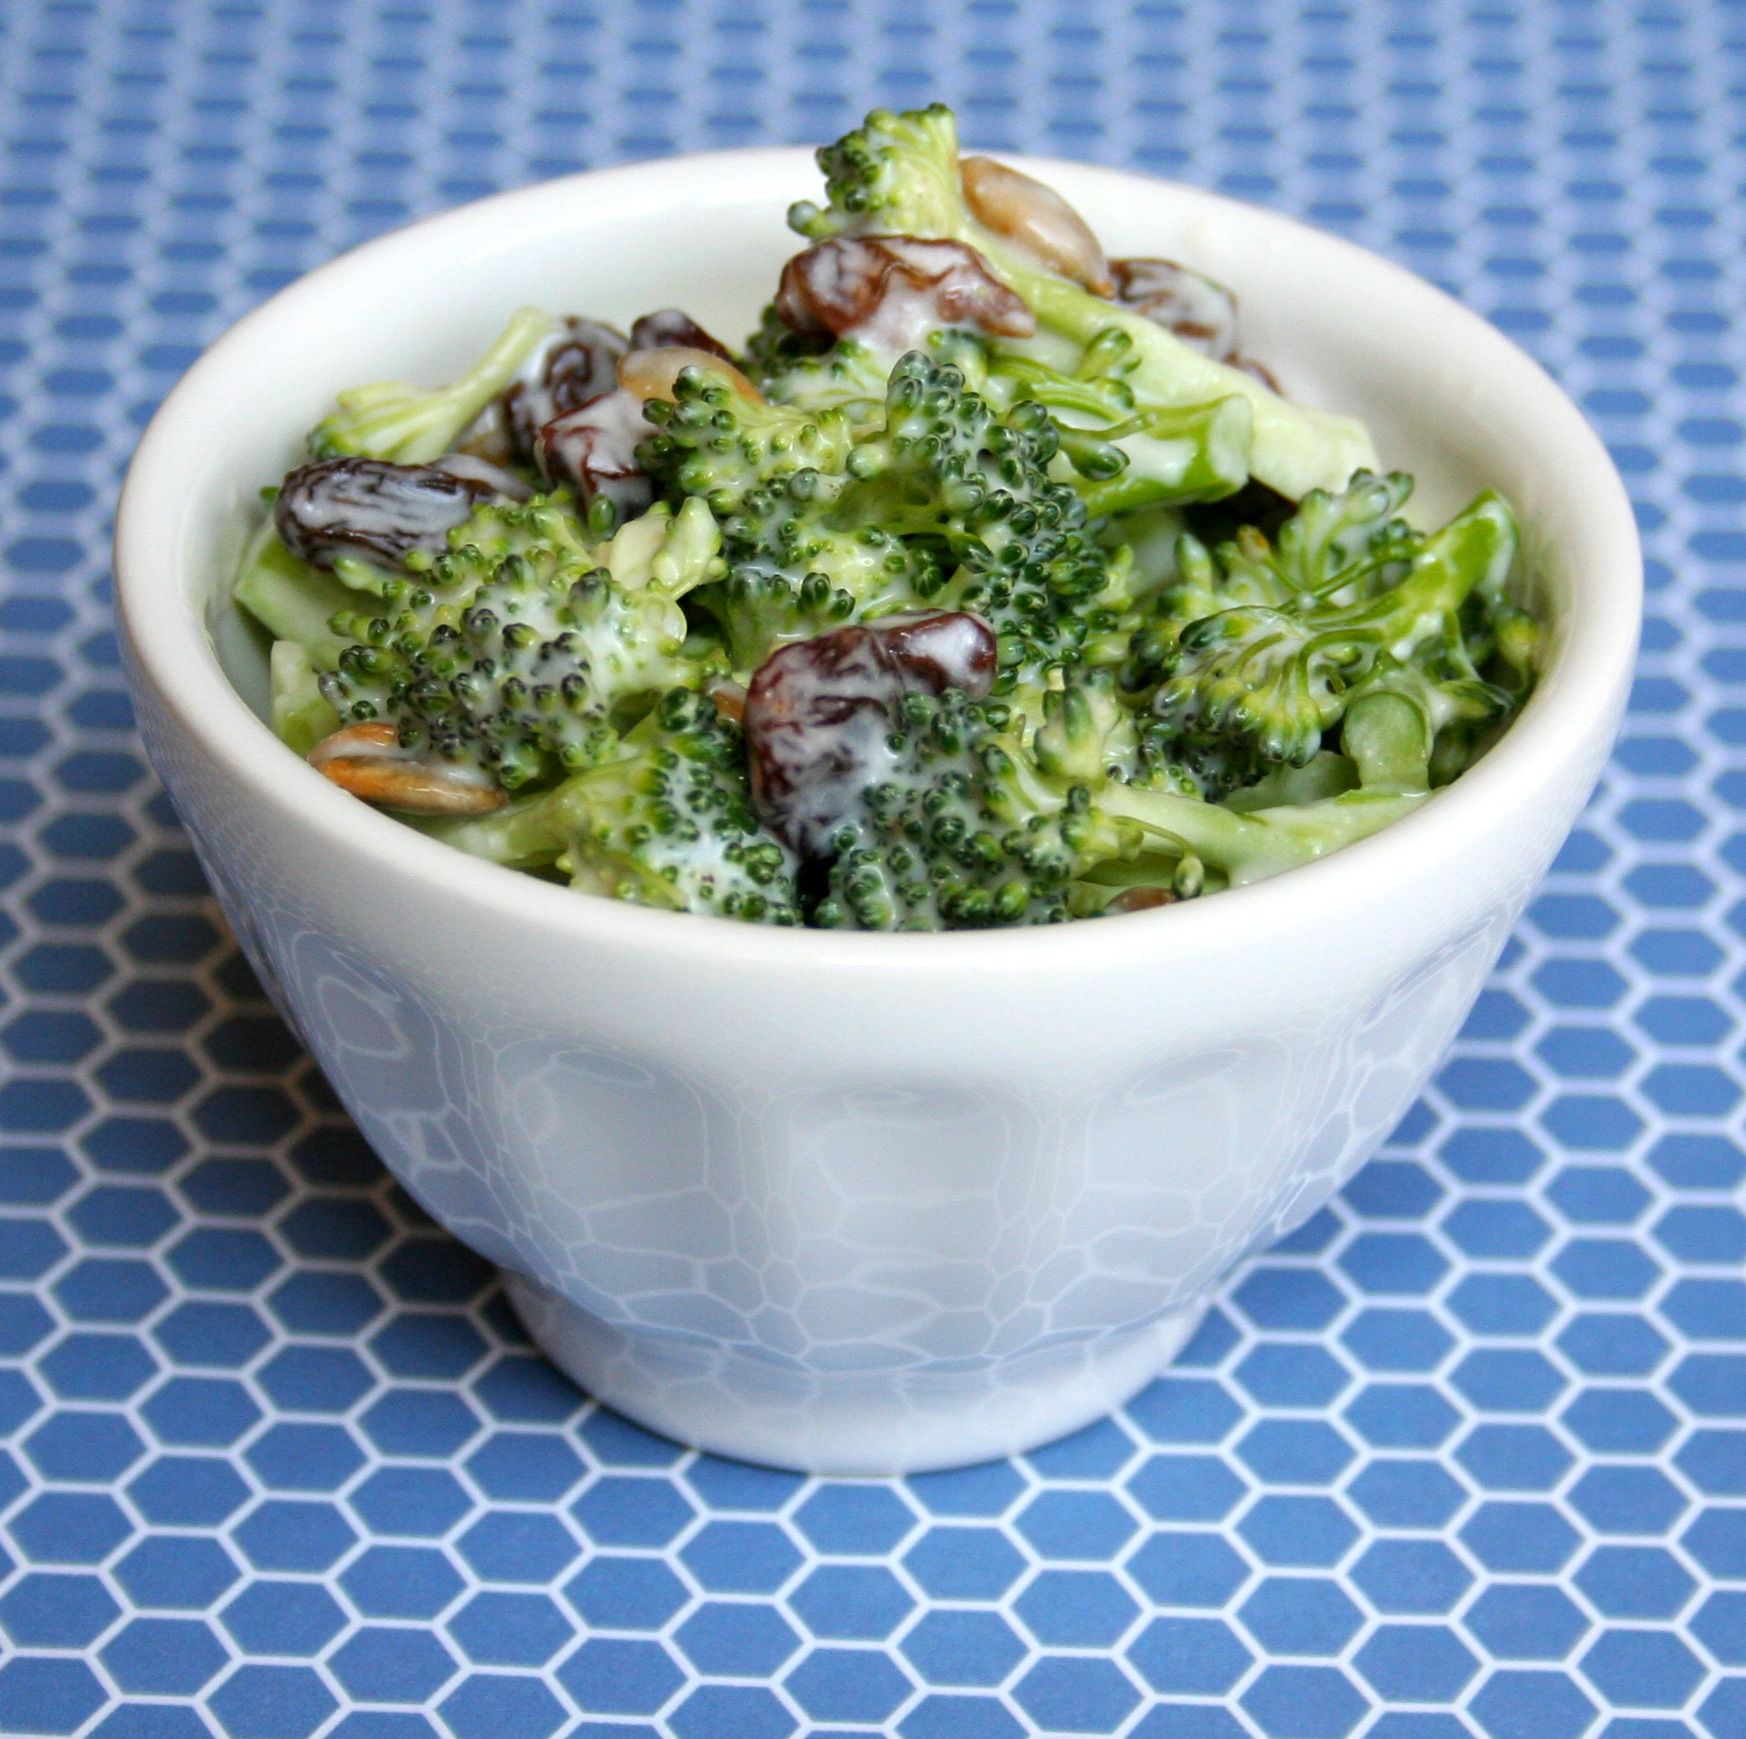 Ensalada de girasol con brócoli